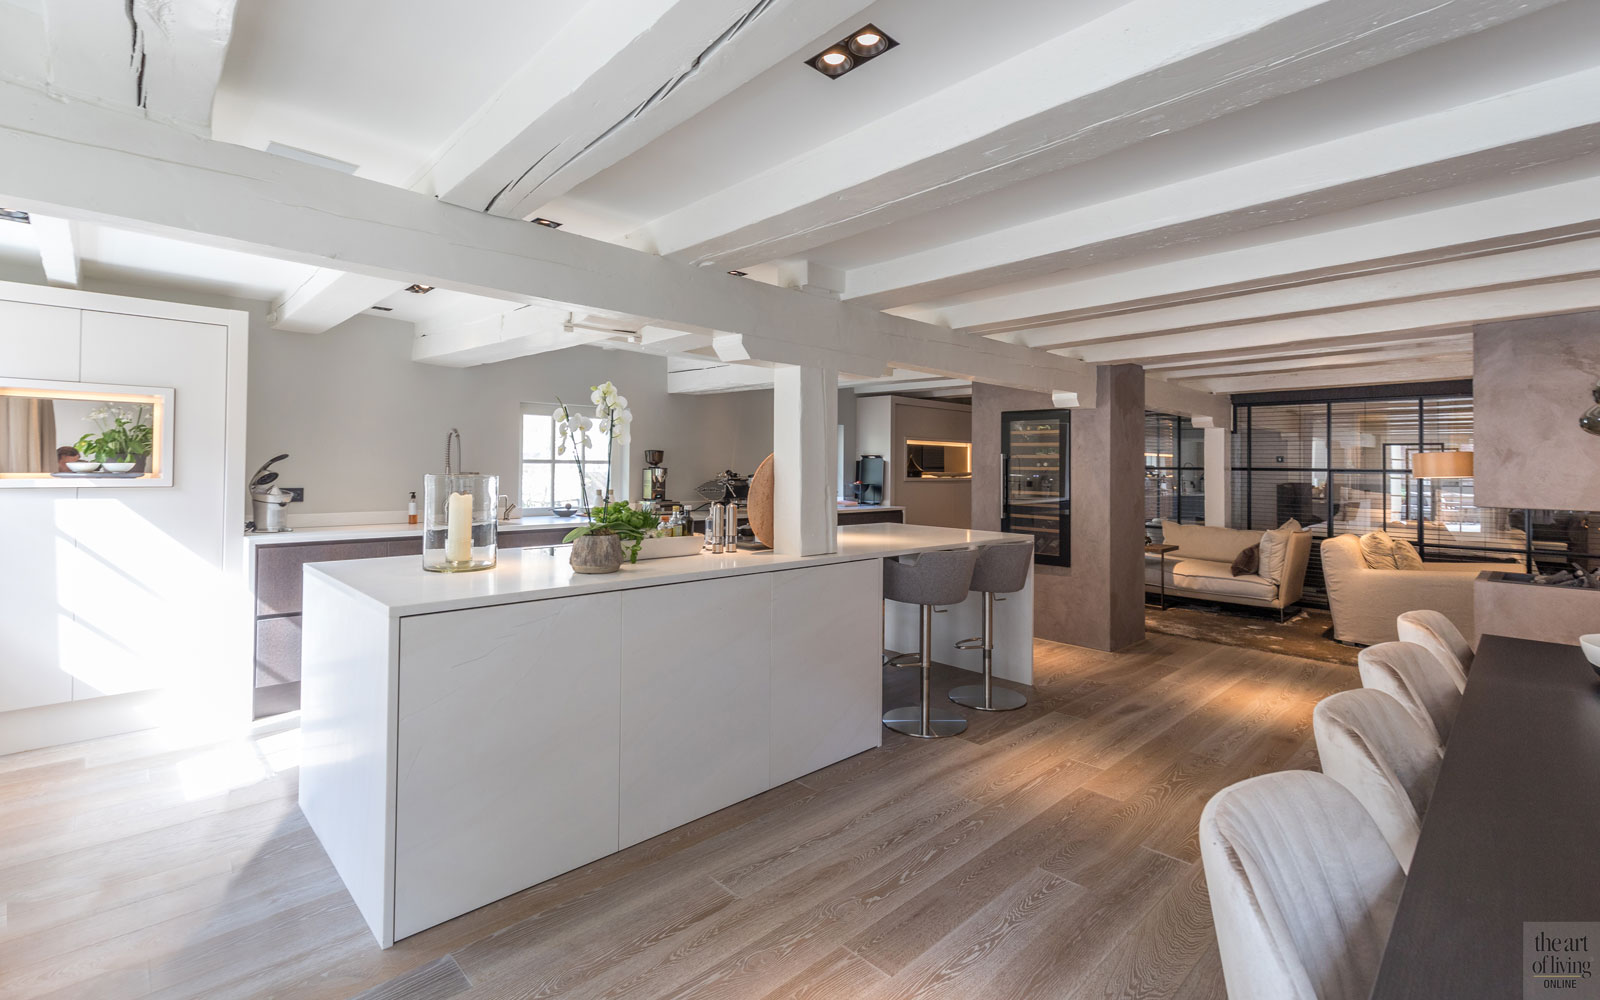 Leefkeuken, ruimtelijk, strak, kookeiland, houten vloer, open verbinding, sfeervolle loft, studio vendrig